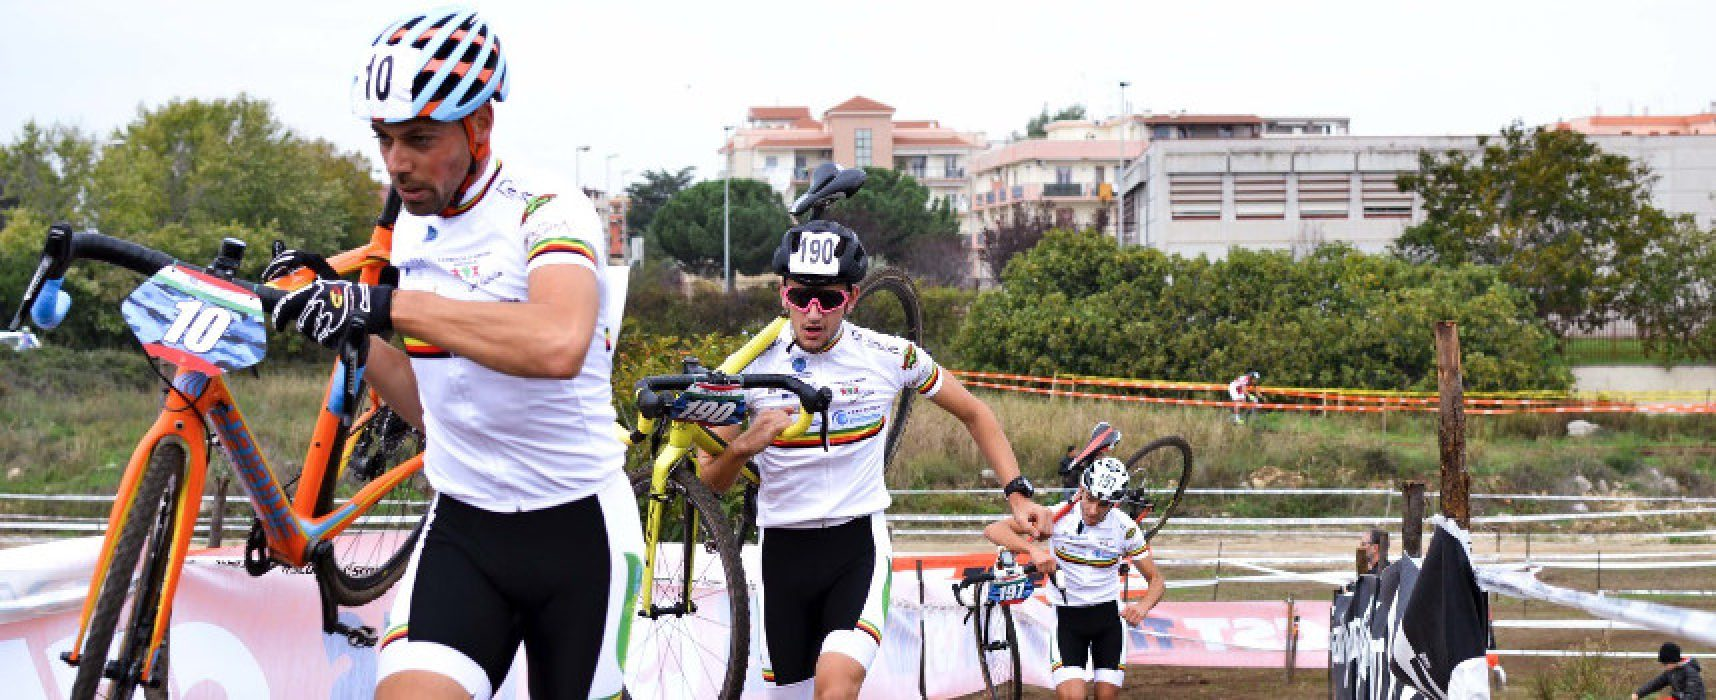 Polisportiva Cavallaro, riscontro positivo nella tappa laziale / FOTO